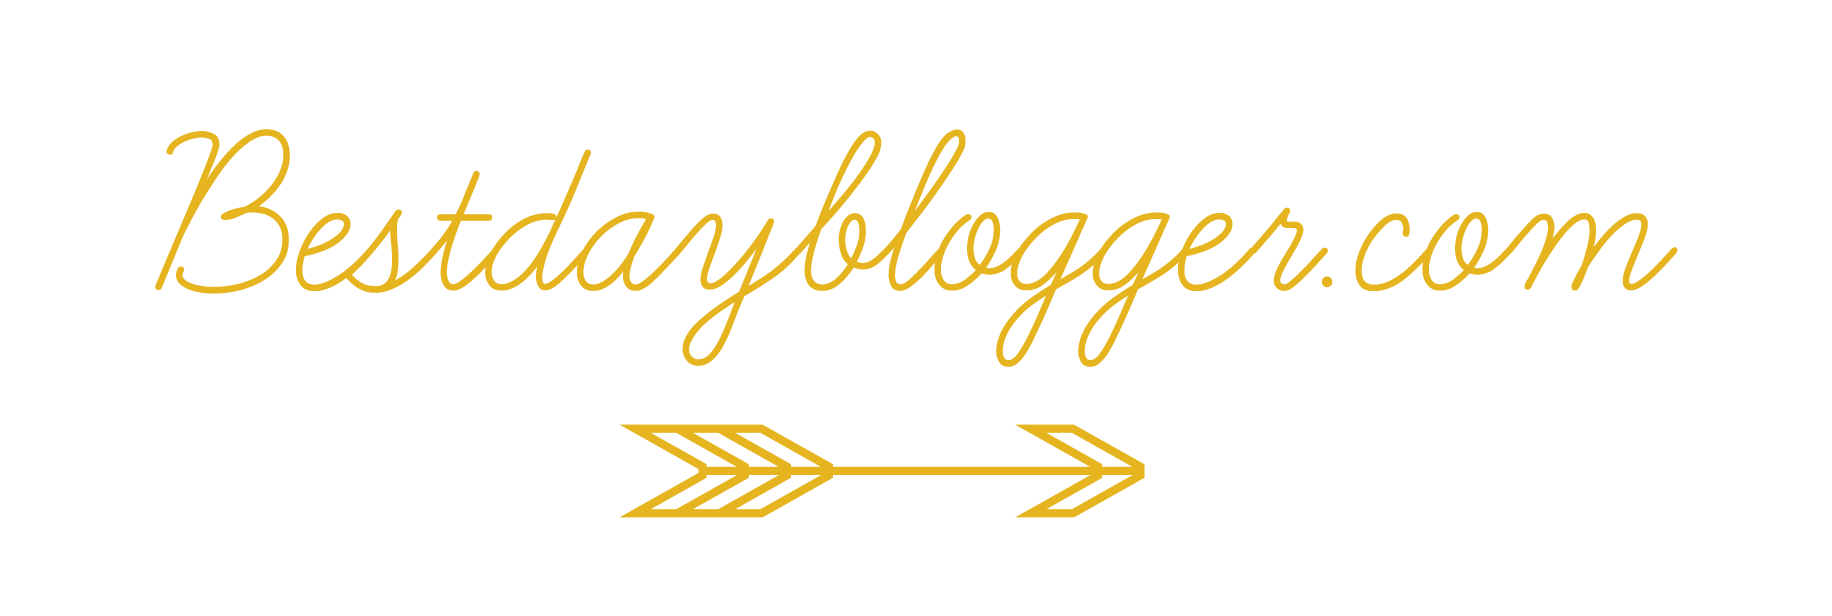 bestdayblogger.com banner gold